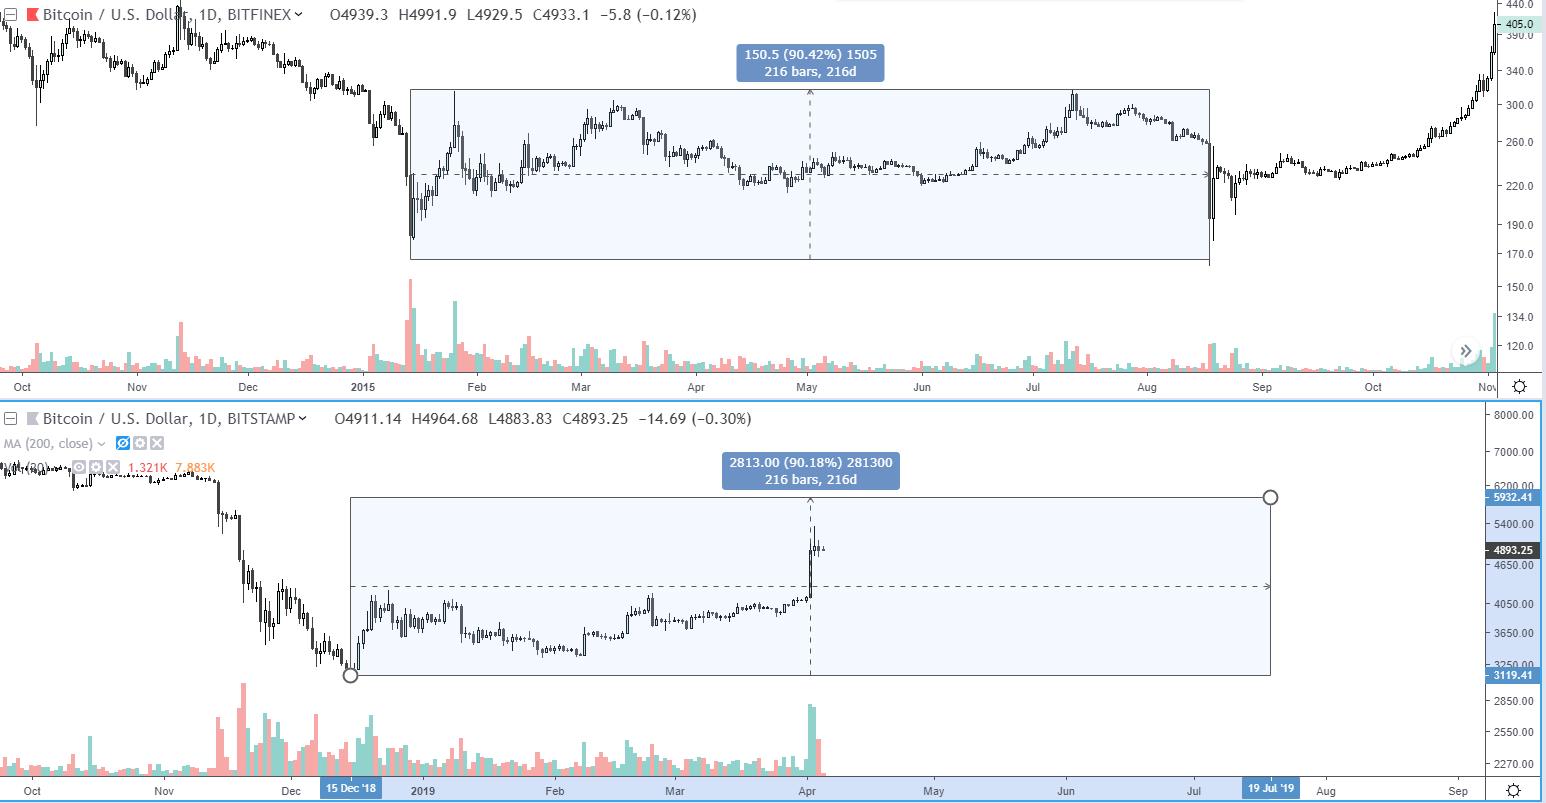 Сравнение динамики движения цены биткоина в 2015 и в 2019 году